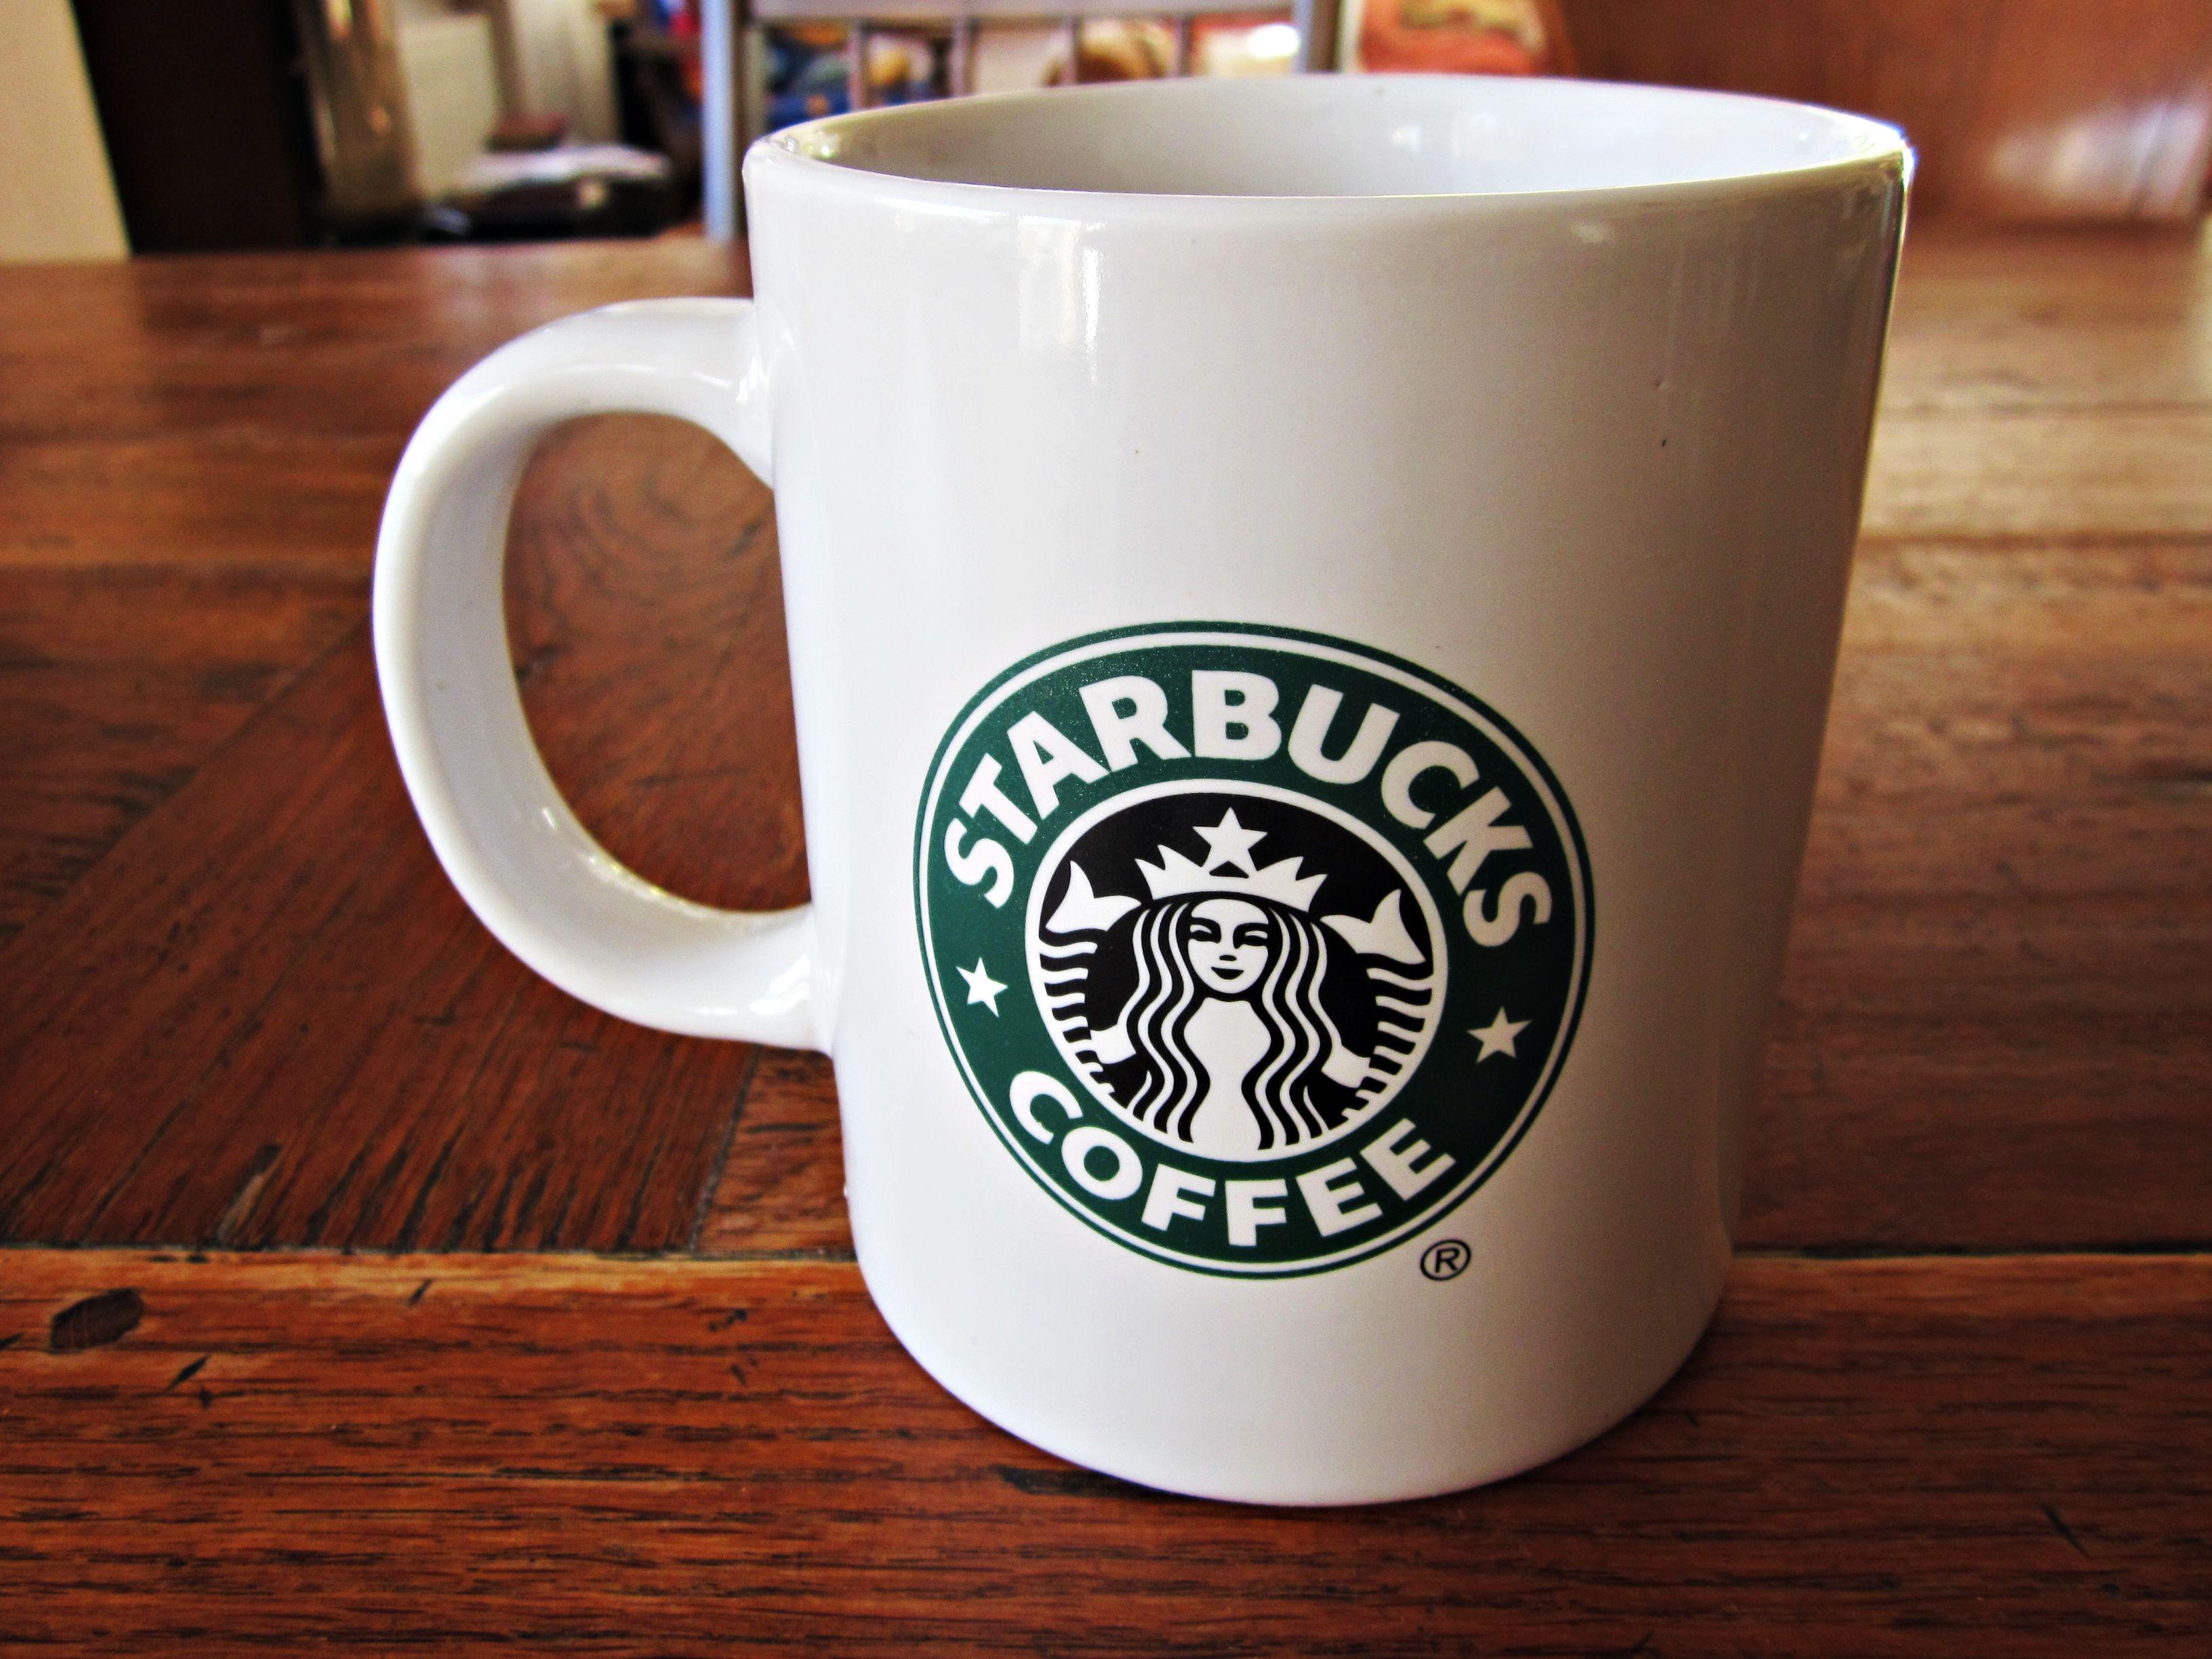 huge cup of coffee